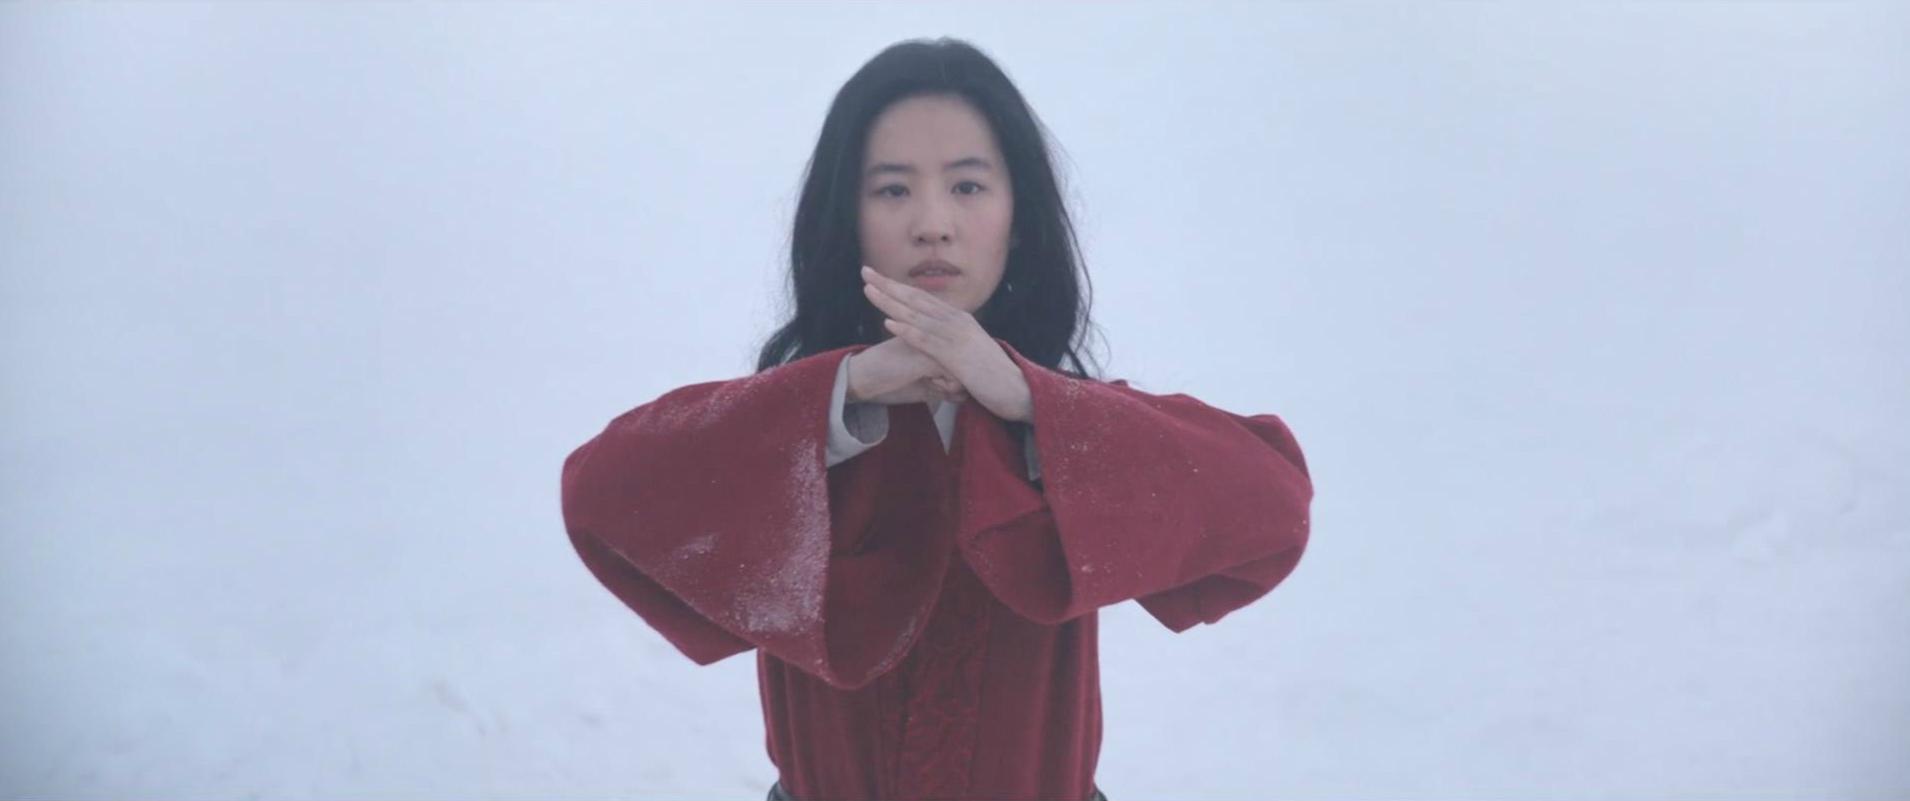 《花木兰》全球票房达3760万美元,中国内地贡献最多